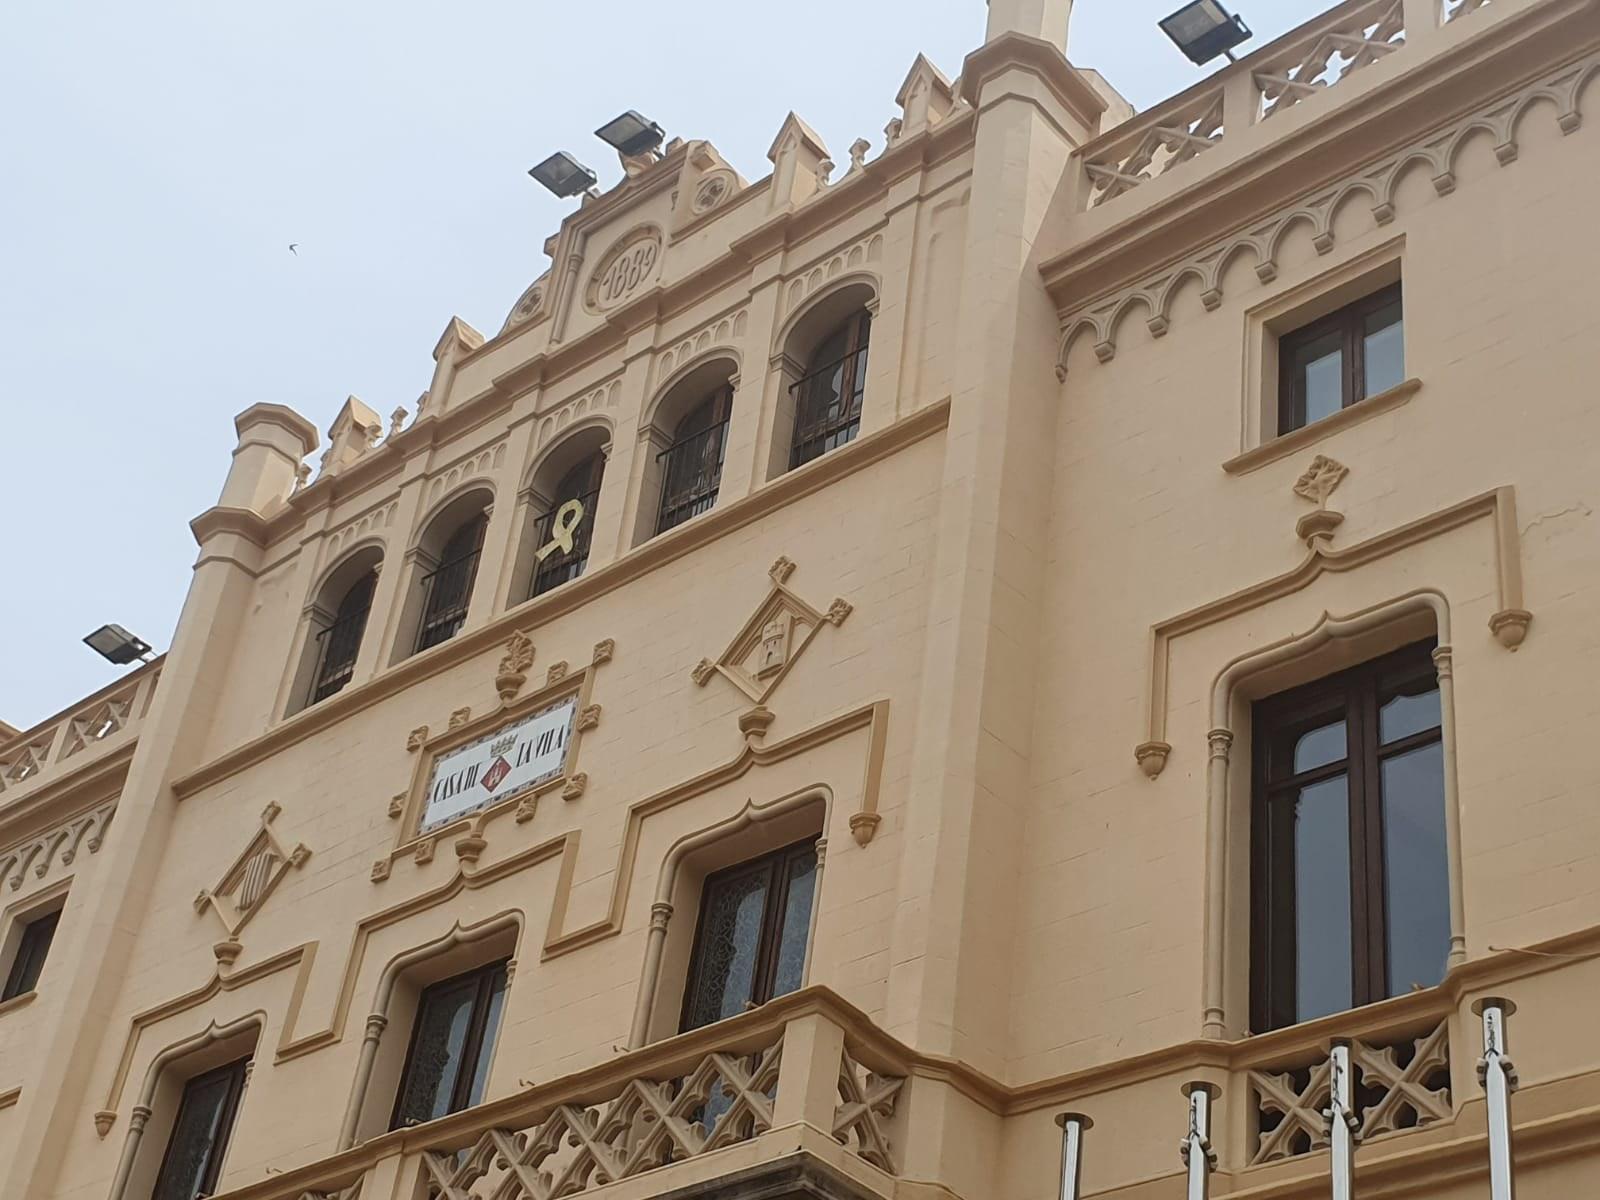 L'Ajuntament de Sitges i Coopsetània organitzen un cicle de jornades per abordar la inserció de les persones migrades